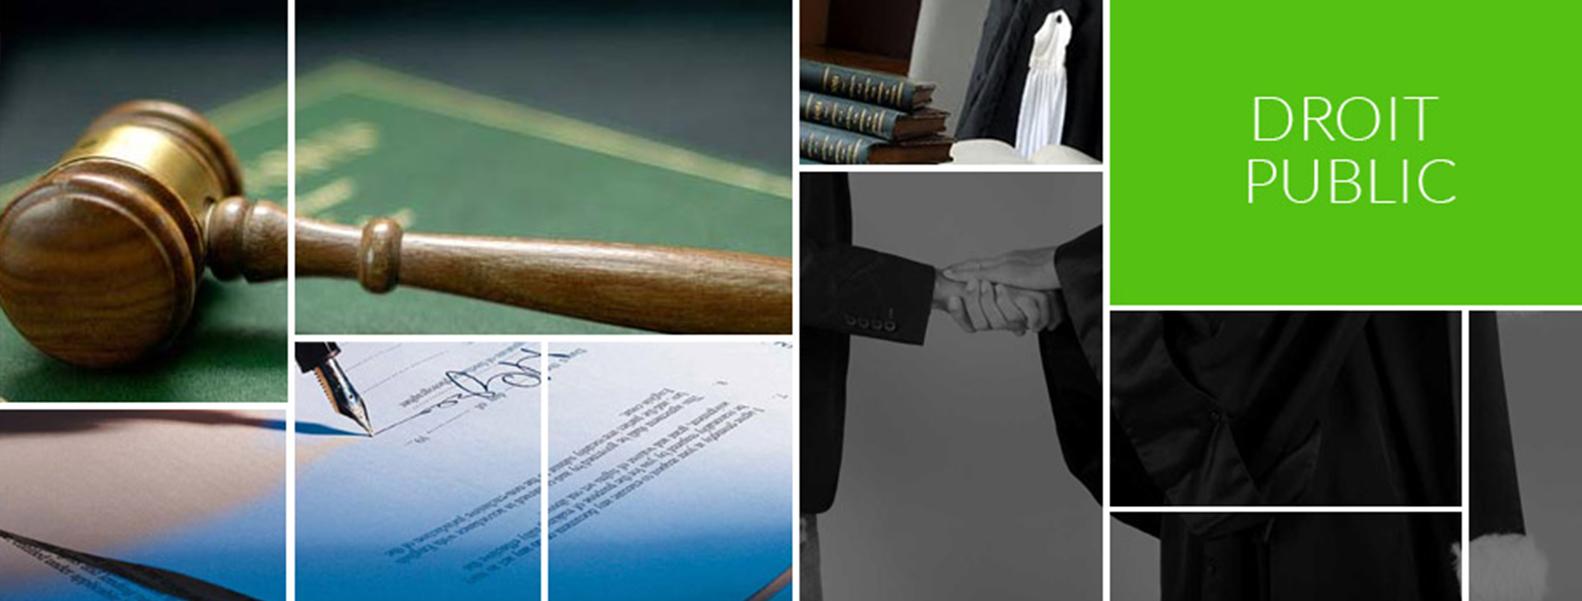 Slider droit public du site de Maïtre Carsalade, avocat à Saint Barthe et pratiquant le droit civil, le droit pénal, le droit de la famille, le droit des affaires et le droit du travail.